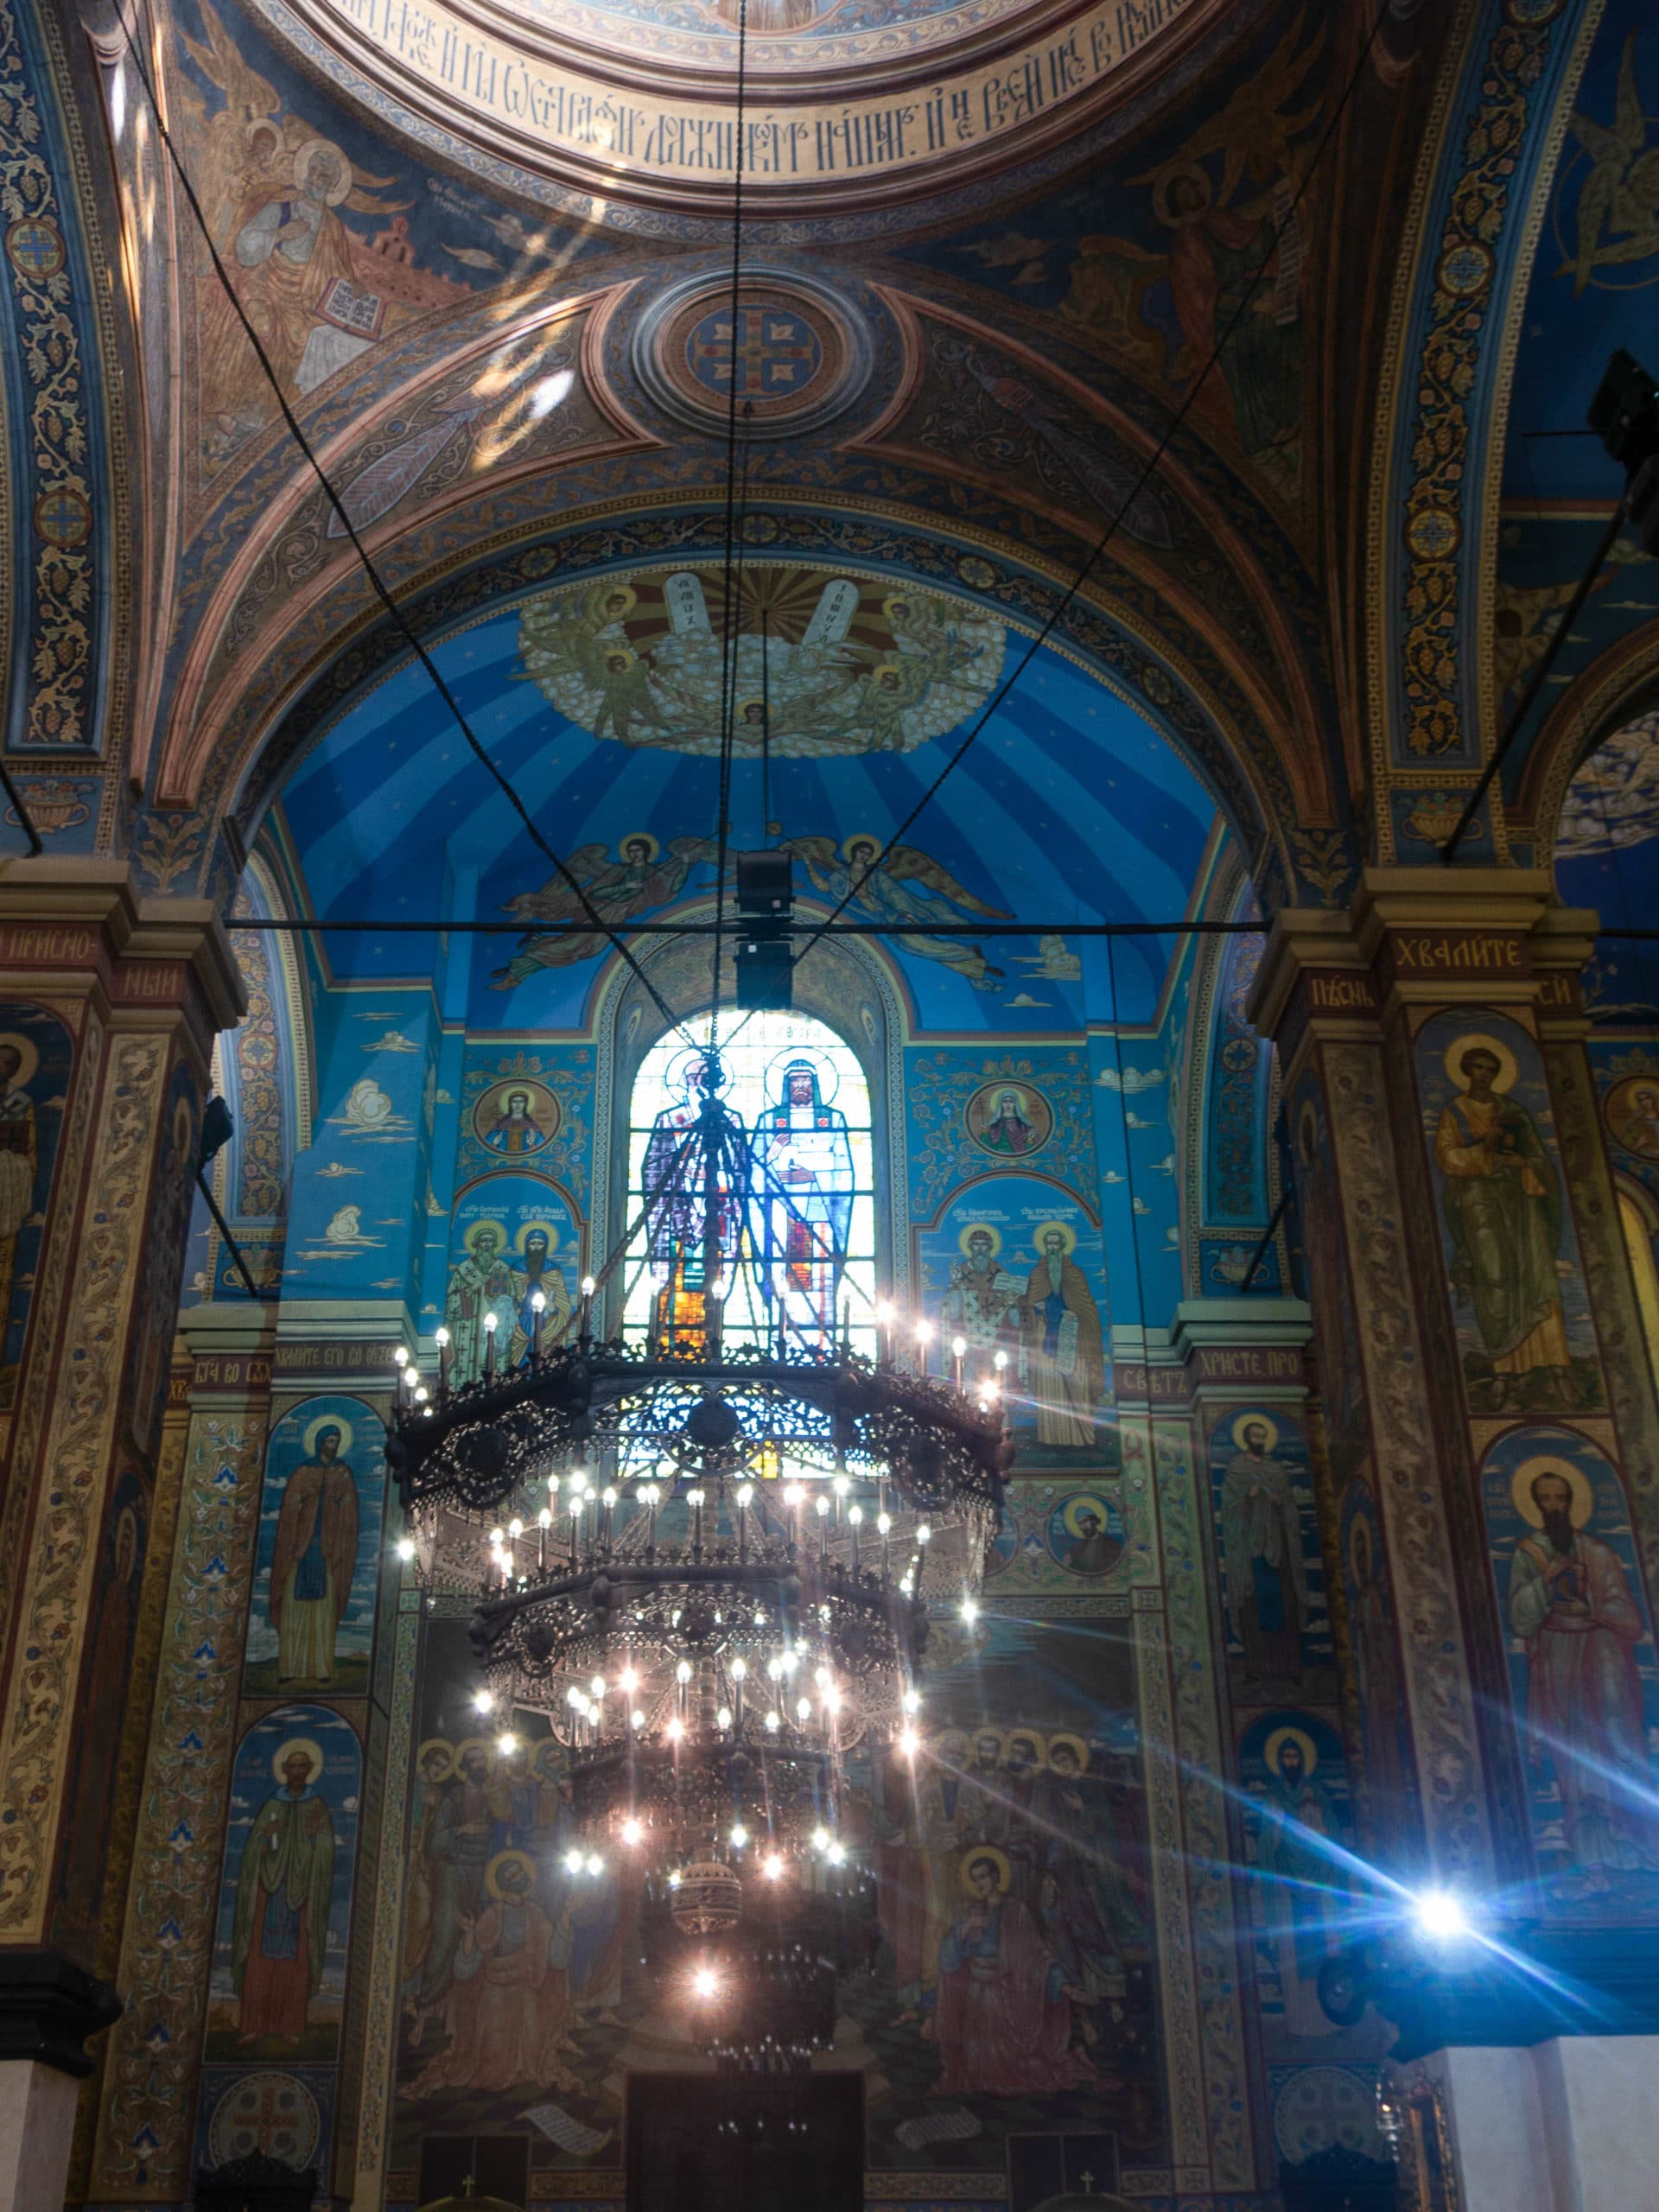 Kathedrale Varna innen, Kronleuchter und Wandmalereien